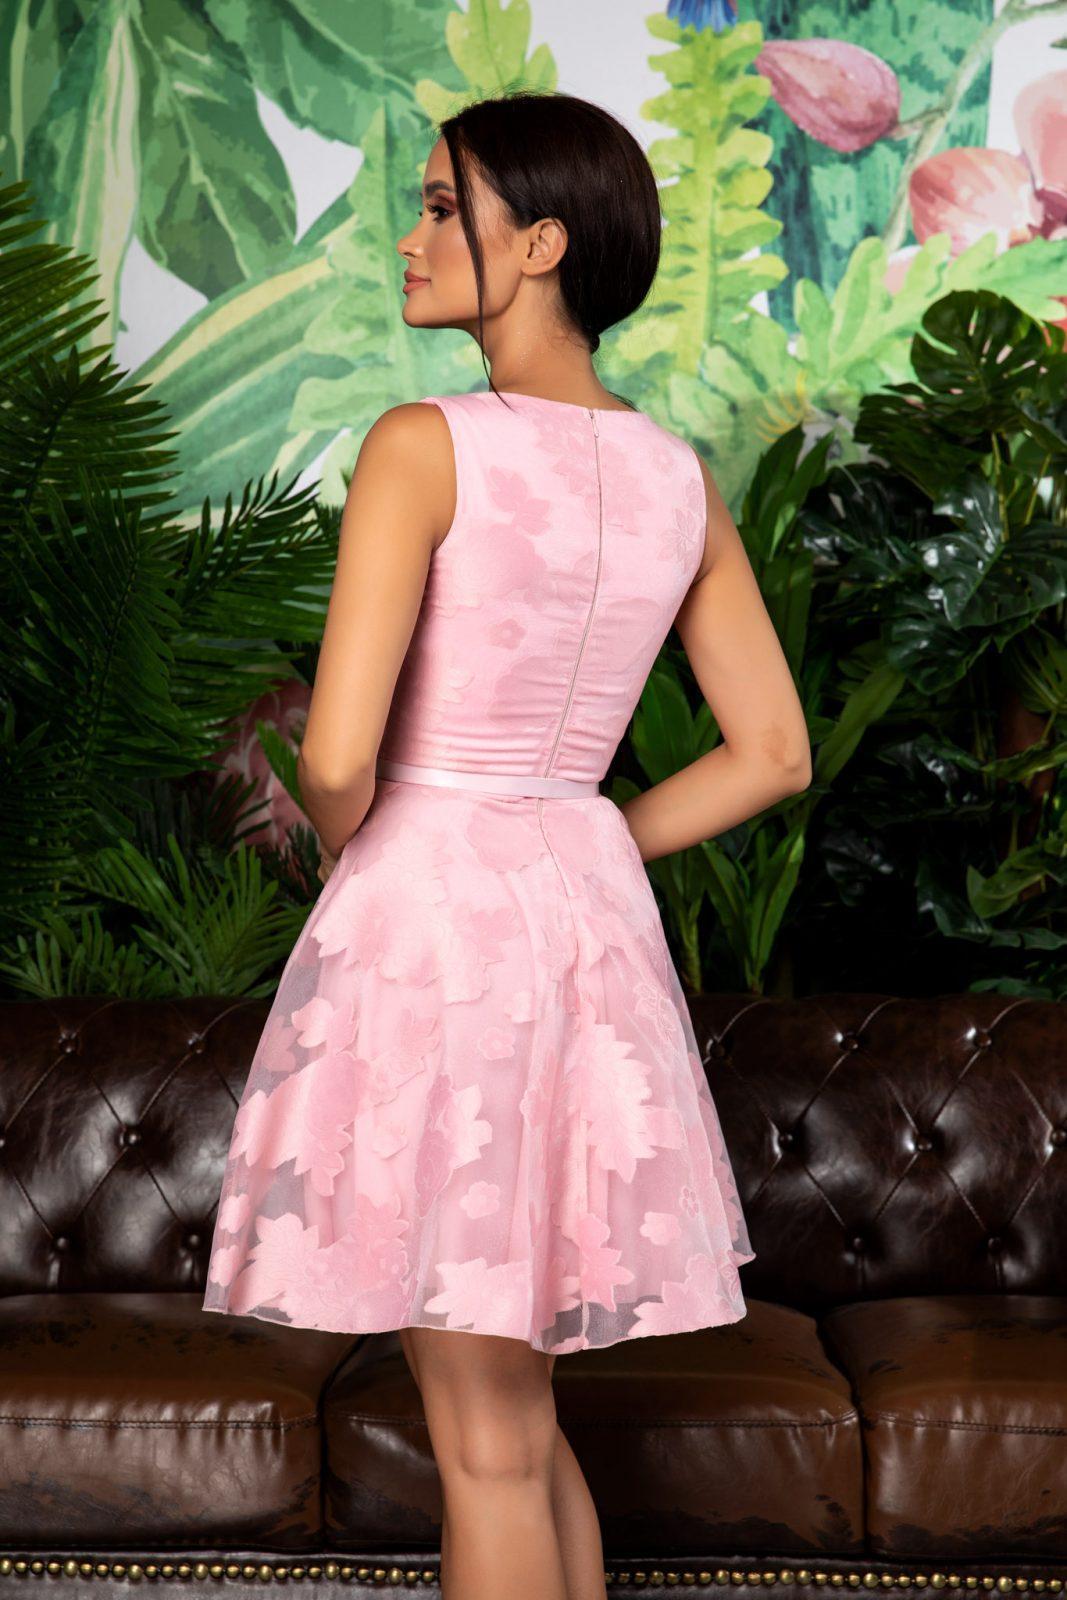 Ροζ Αμάνικο Φόρεμα Με Ζώνη Jossie 7877